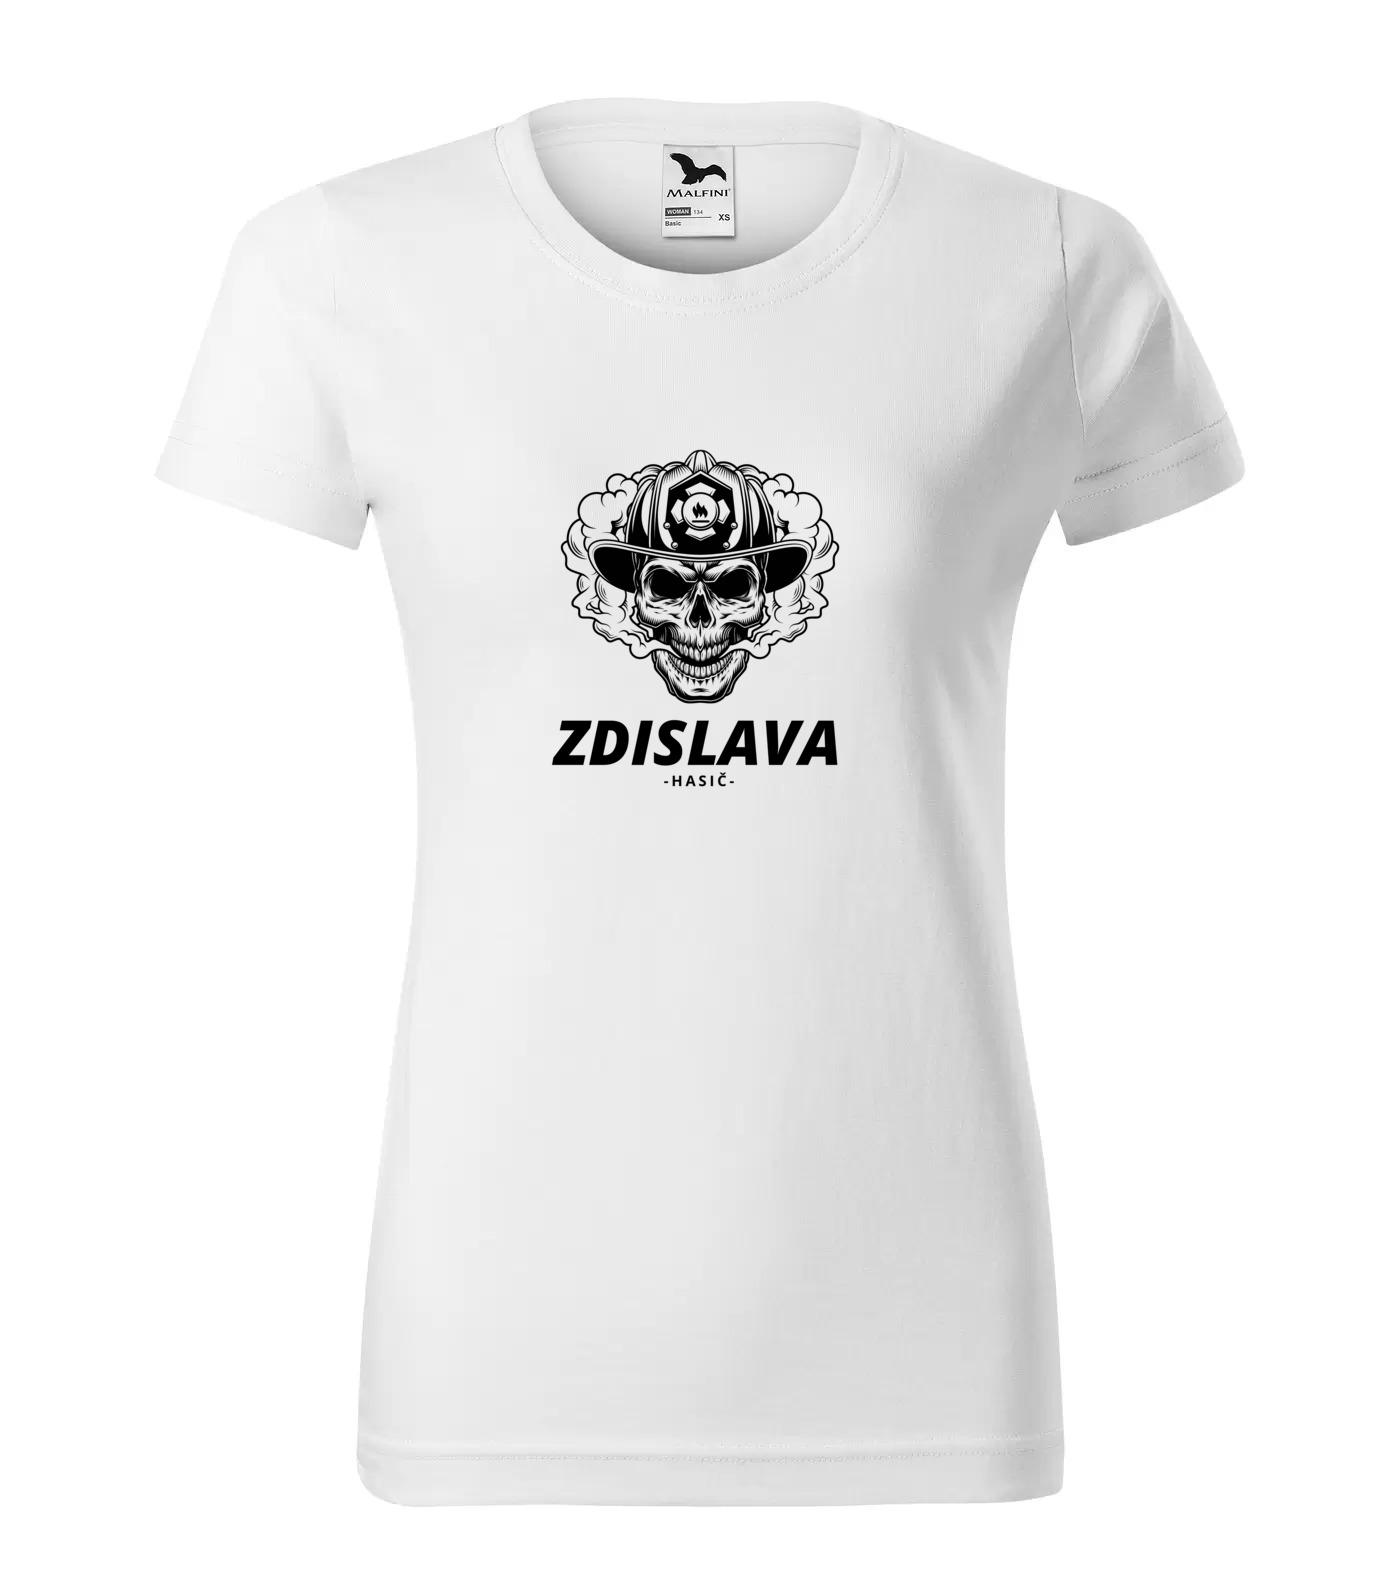 Tričko Hasič Zdislava